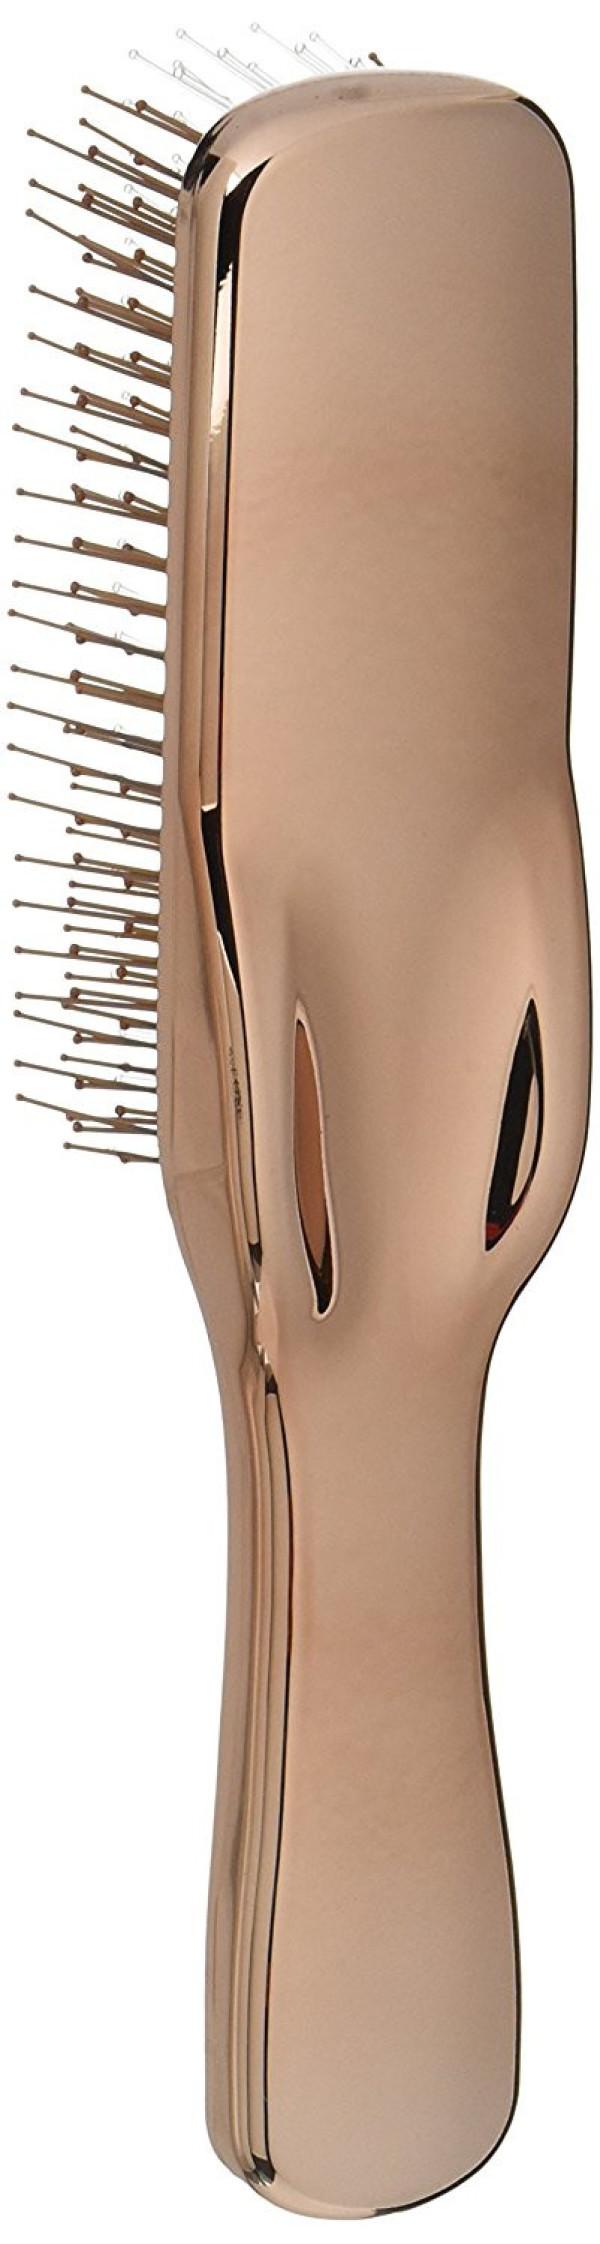 Расческа для волос Scalp Brush WORLD MODEL LONG для улучшения роста волос и здоровья кожи головы